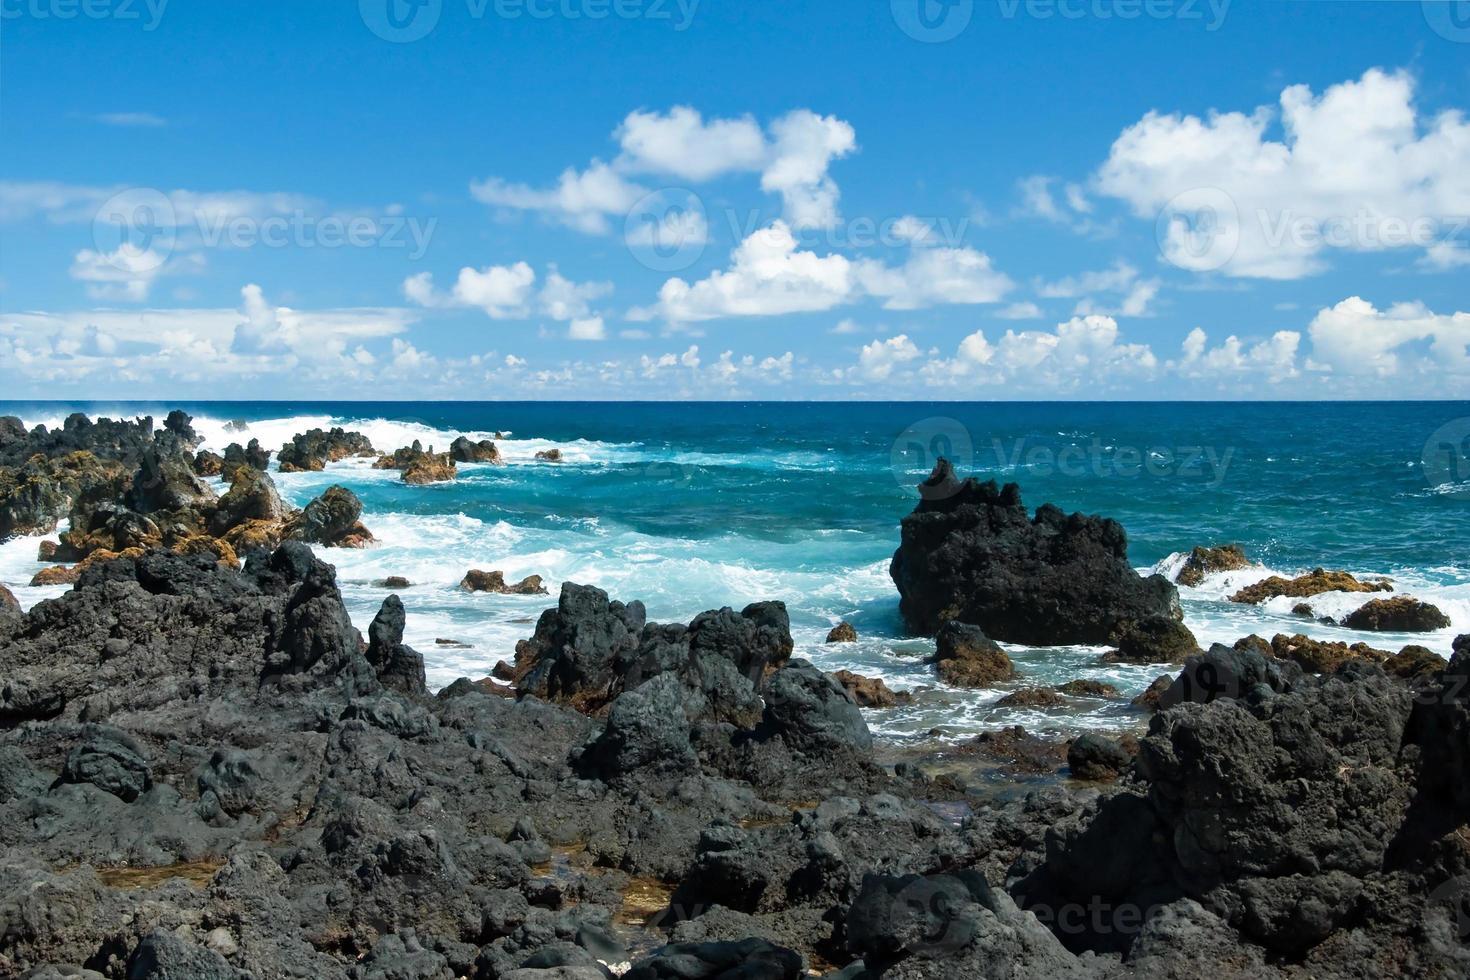 rocce del vulcano sulla spiaggia di hana maui hawaii foto